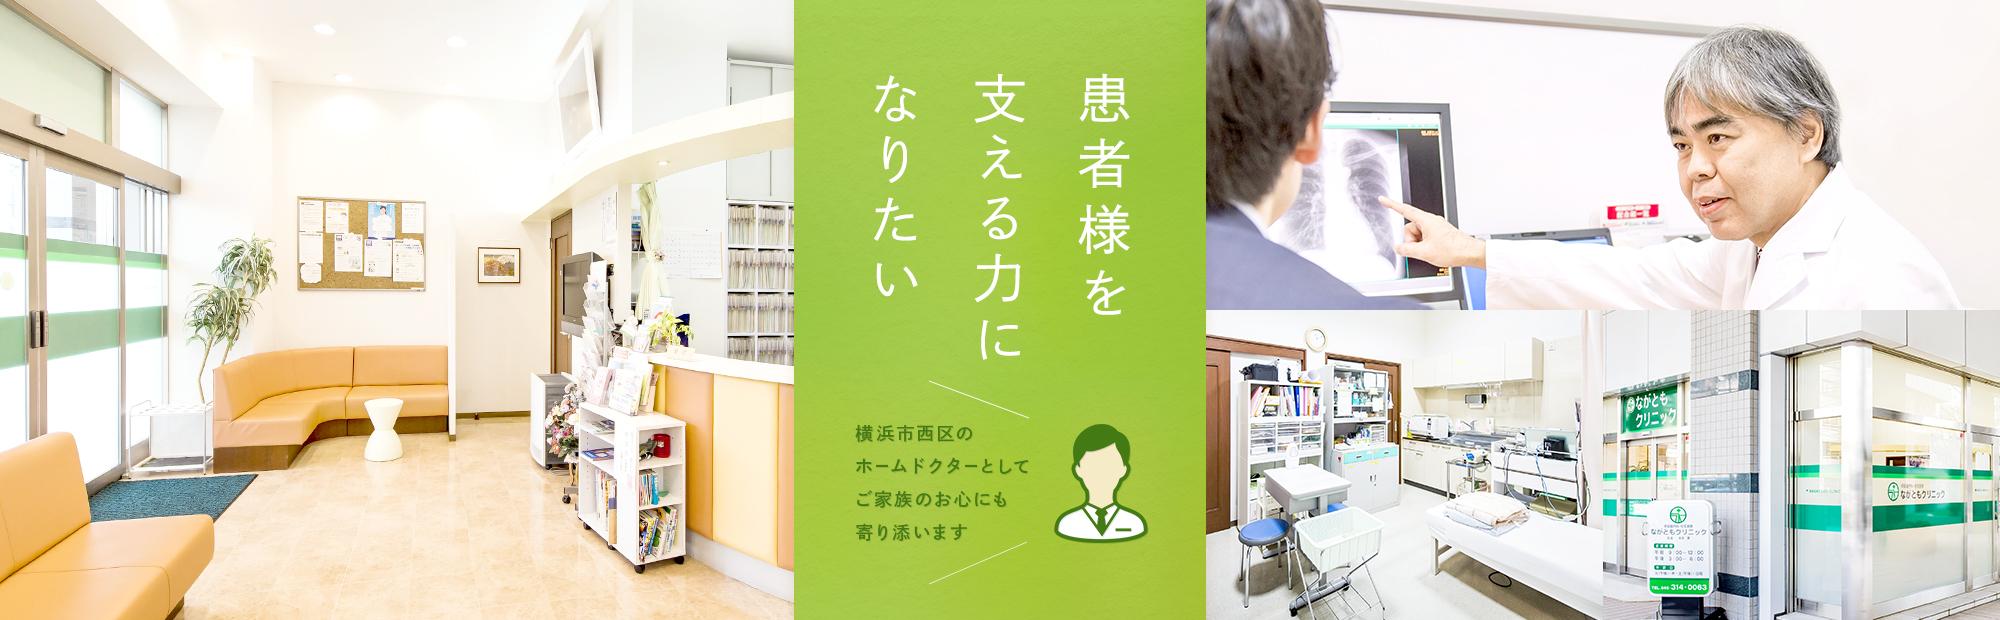 患者さんを支える力になりたい 横浜市西区のホームドクターとしてご家族のお心にも寄り添います